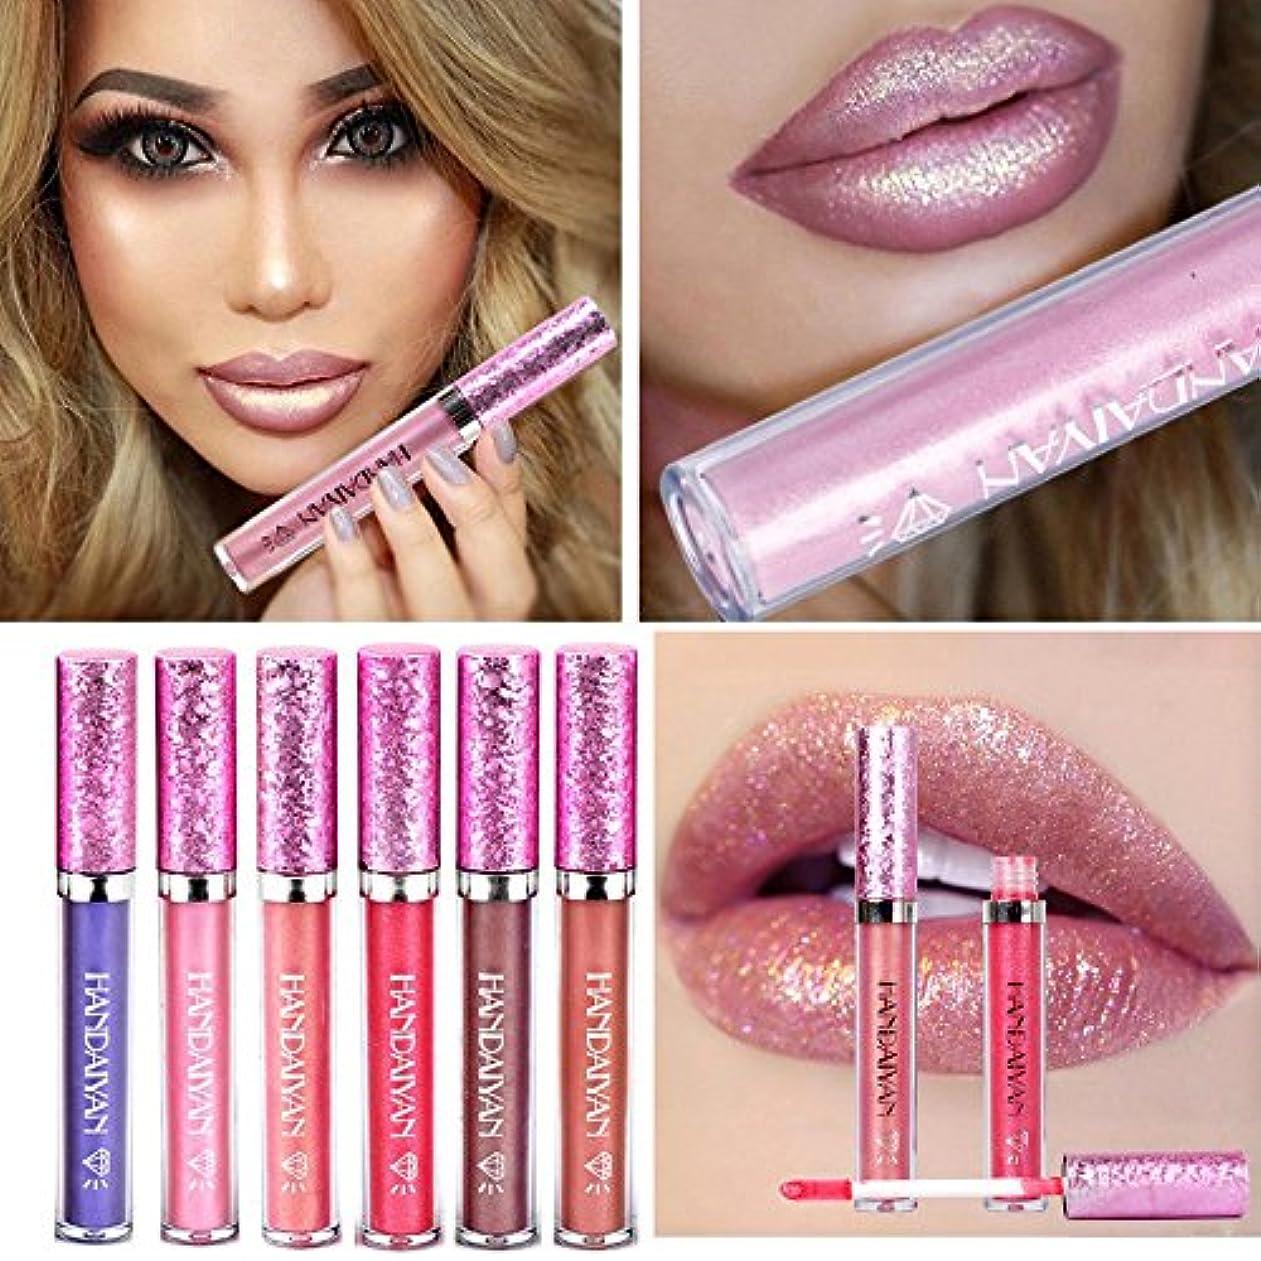 屋内で委任するターミナルHANDAIYAN Liquid Pearly Glitter Lipsticks Set - 6 pcs Long Lasting Nonstick Lip Gloss Mermaid Waterproof Lipstick...